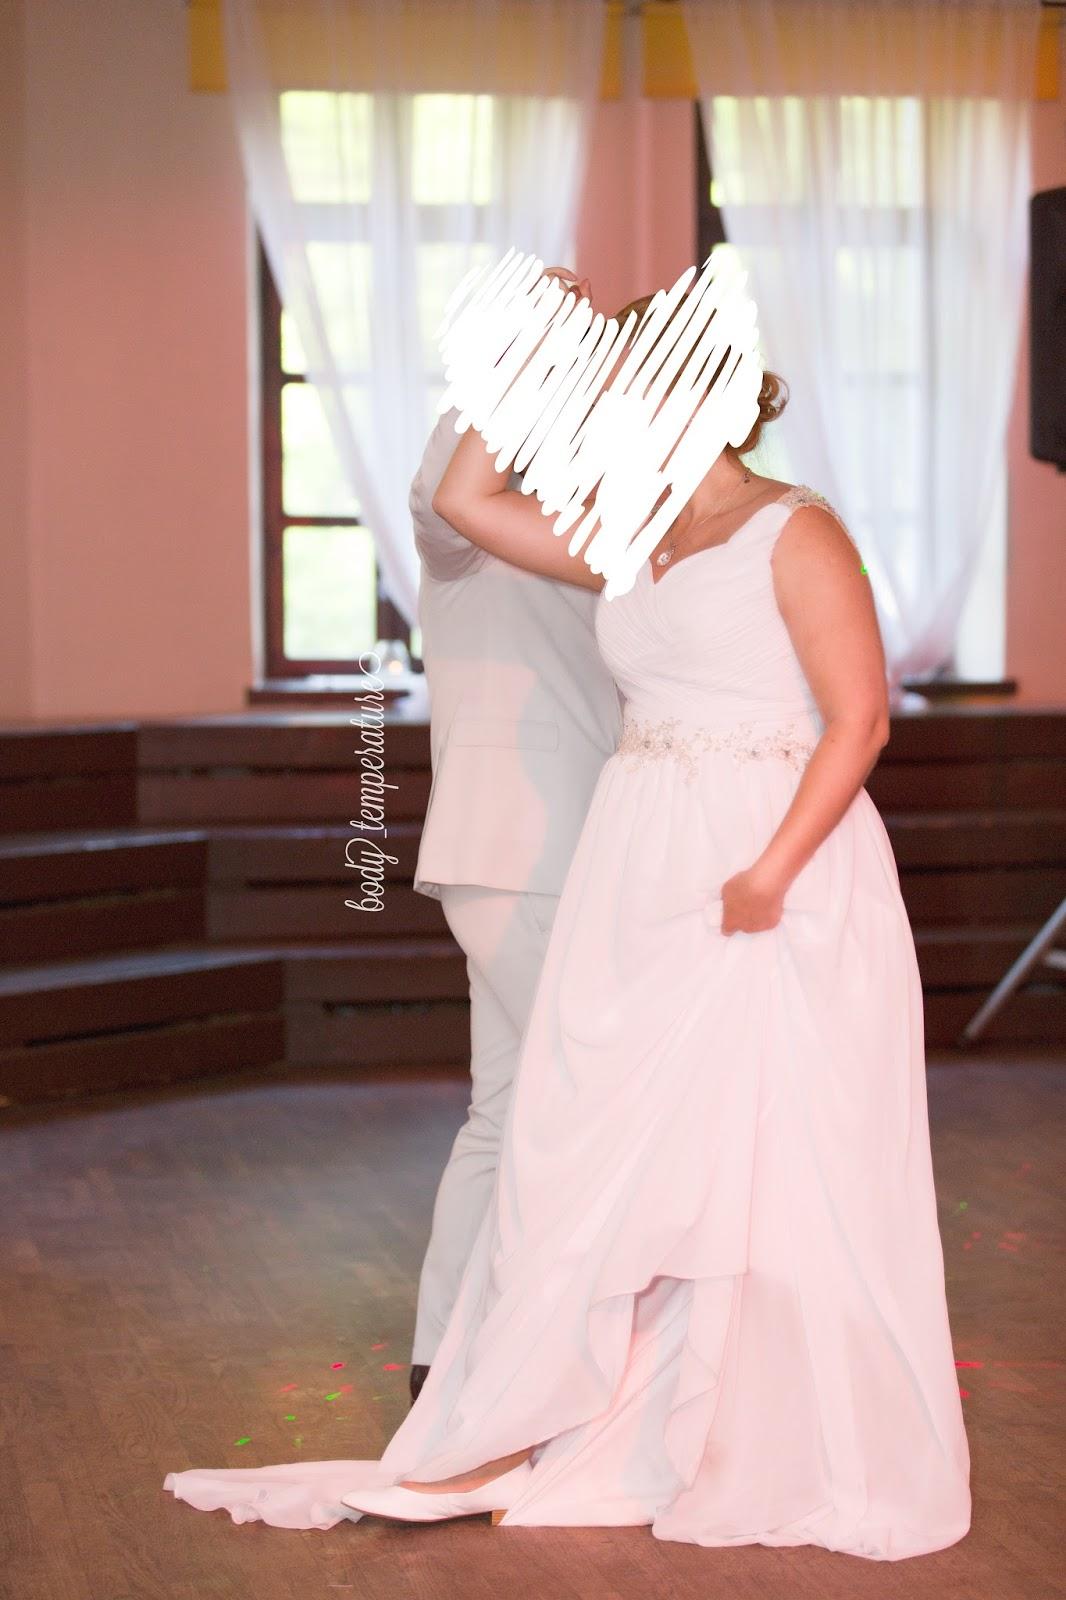 ab55a38ea6f Kleidi värv oli võimalik ise valida, mina valisin pure white ja selline ta  oligi: puhas valge. DHL tarne oli väga kiire, nädalaga kleit oli juba  Eestis ja ...